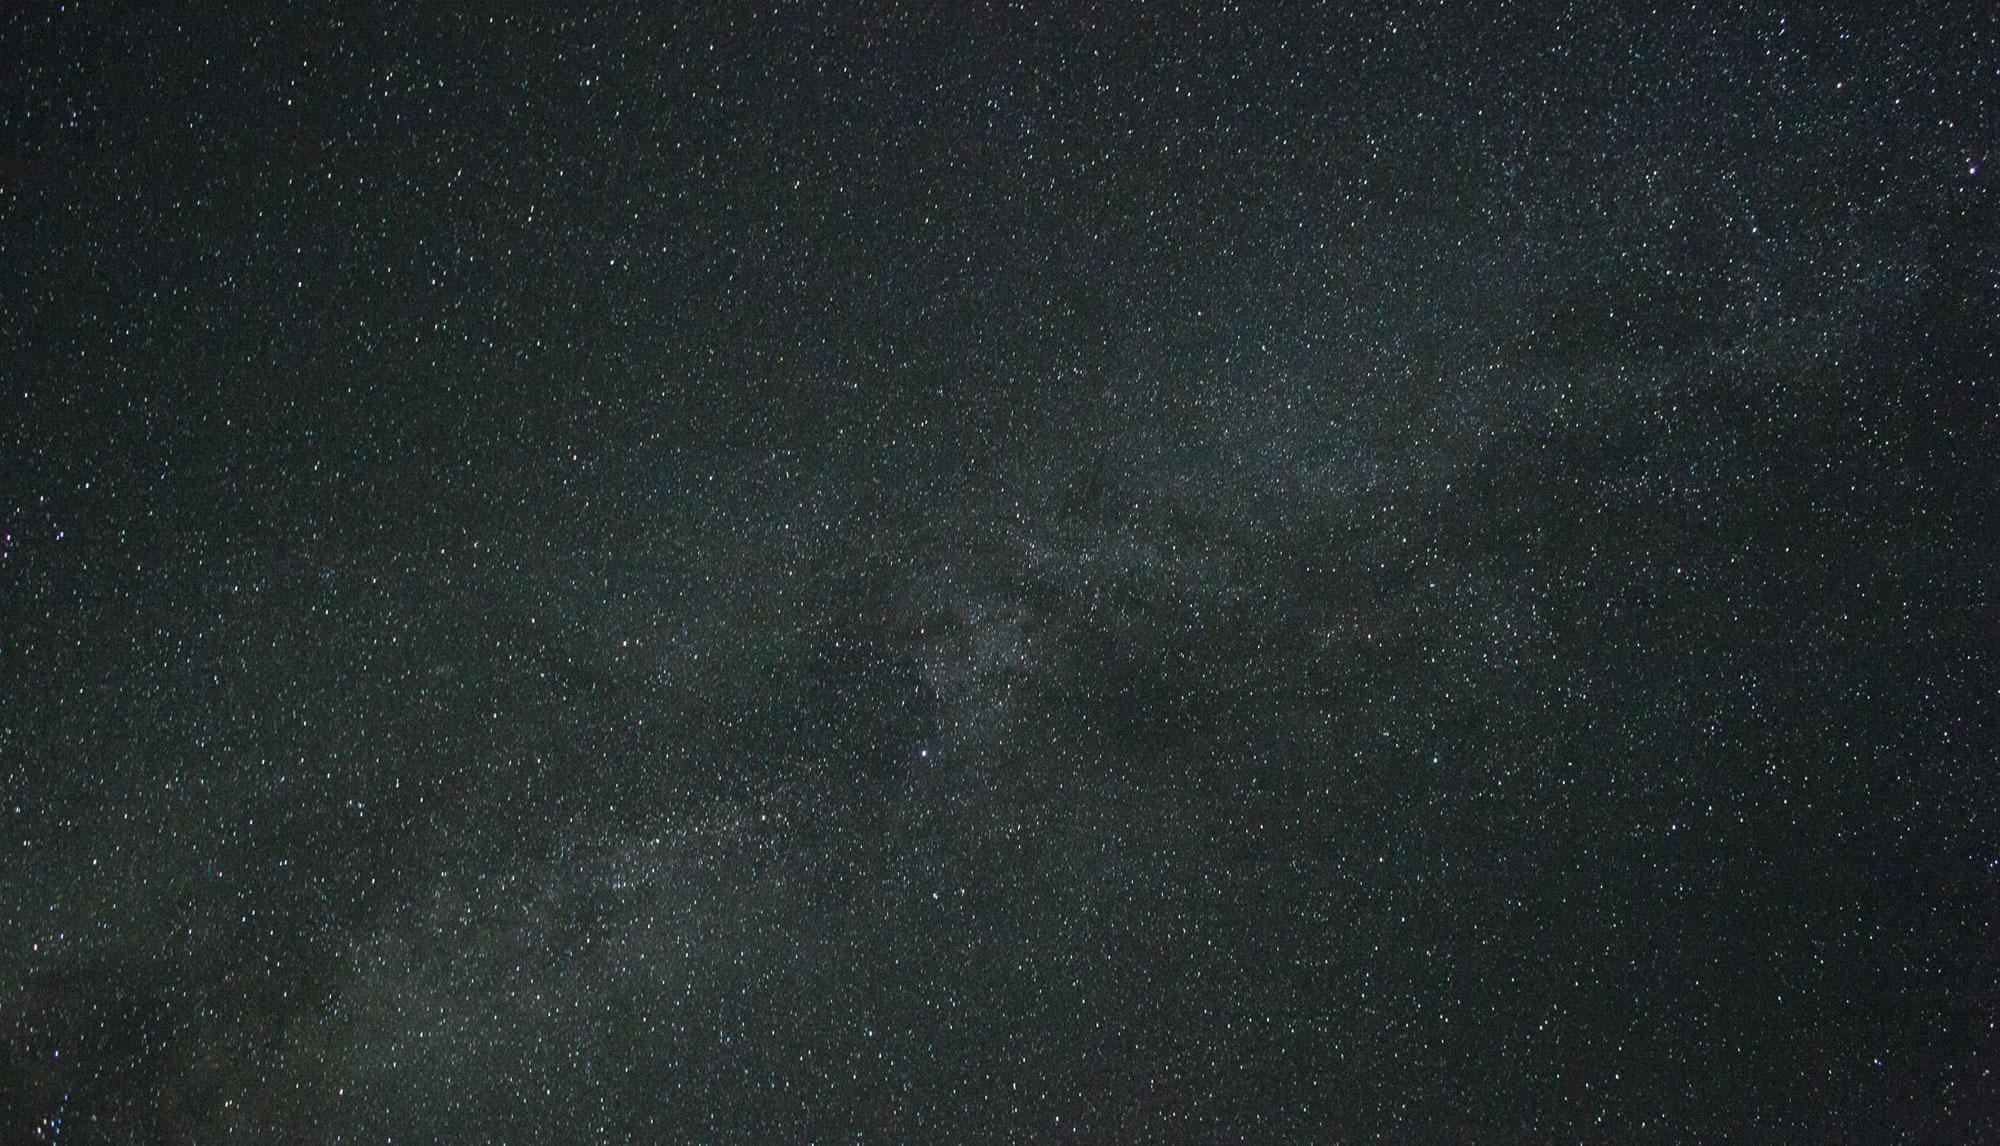 Cer cu stele